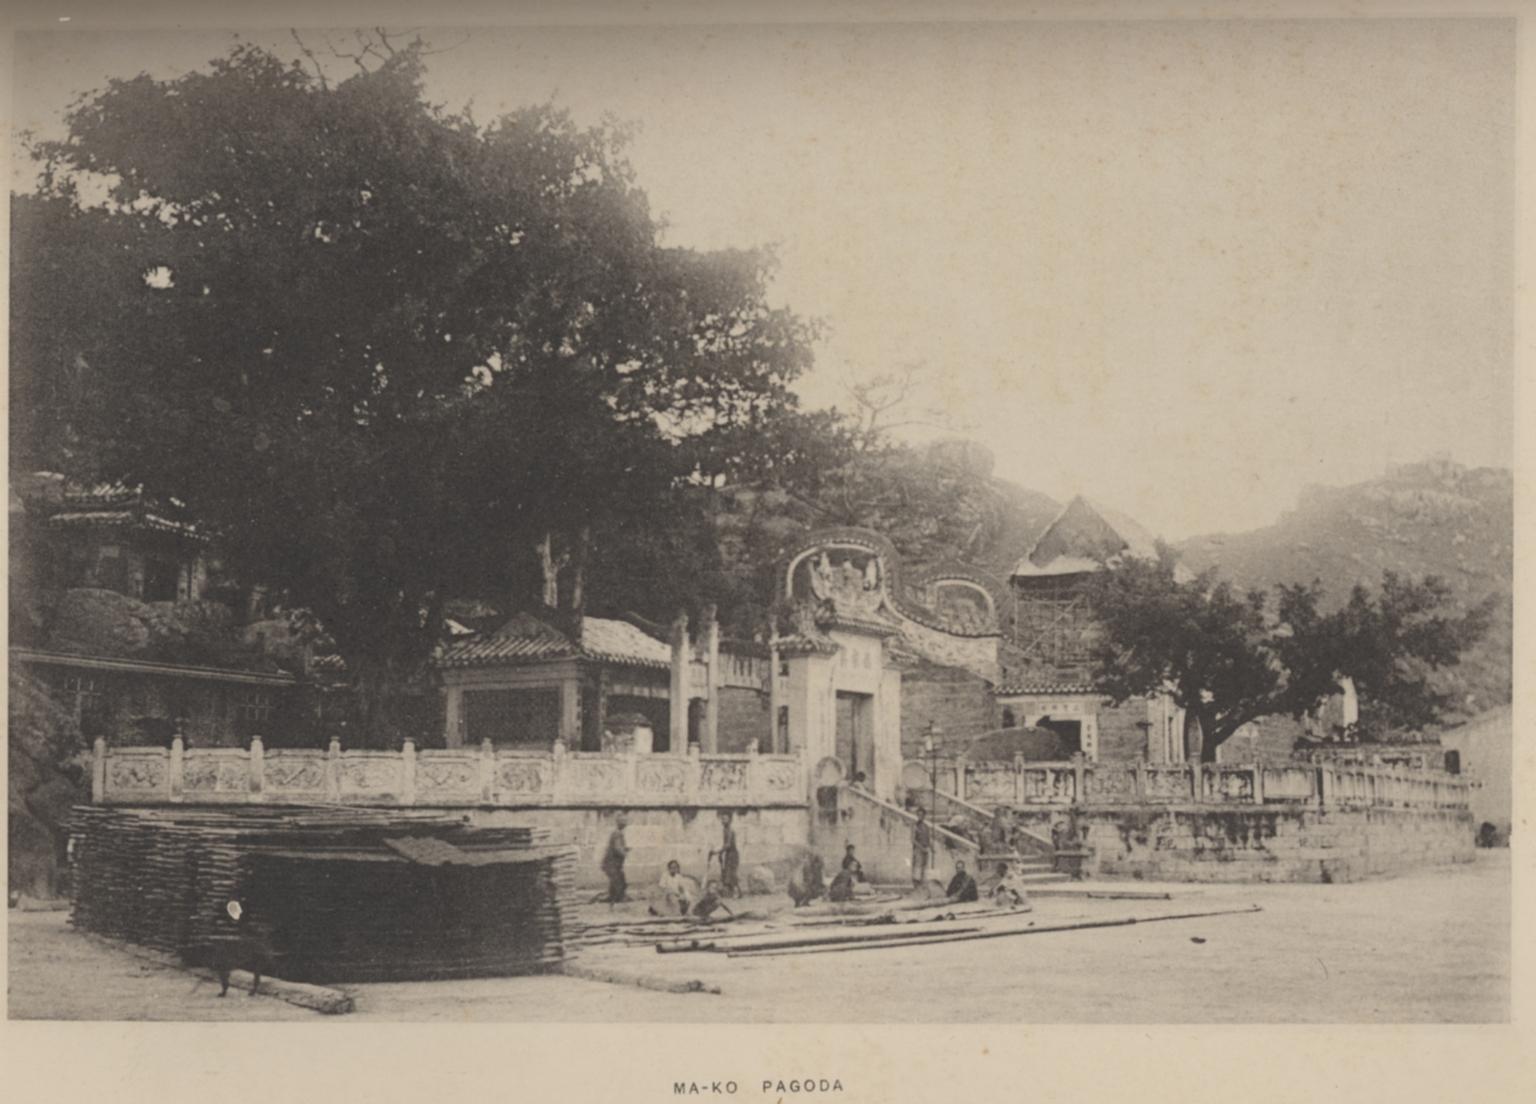 Ma-ko pagoda